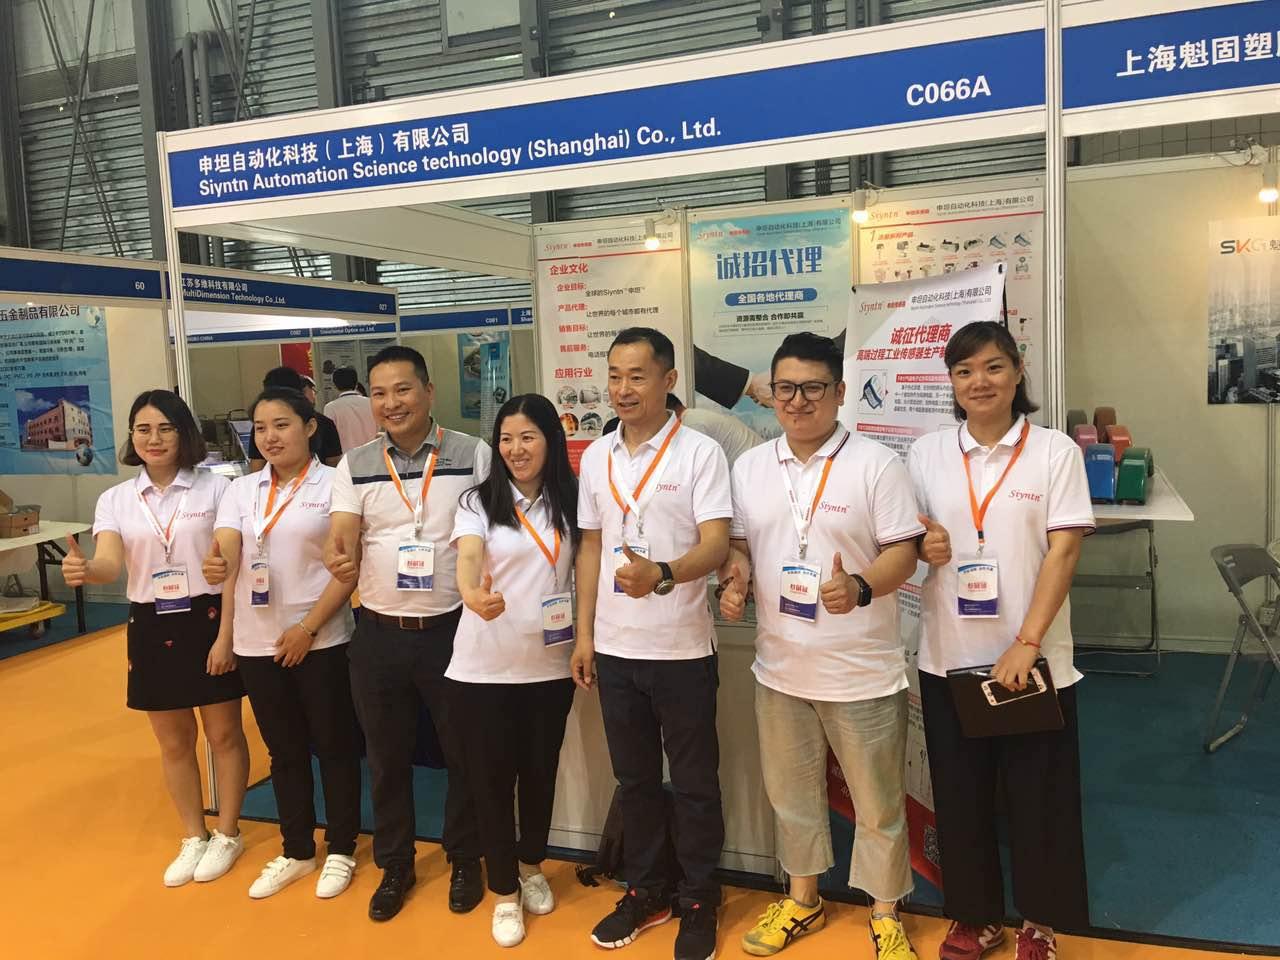 2017年6月2日-5日 上海国家会展中心展会展位号C066A